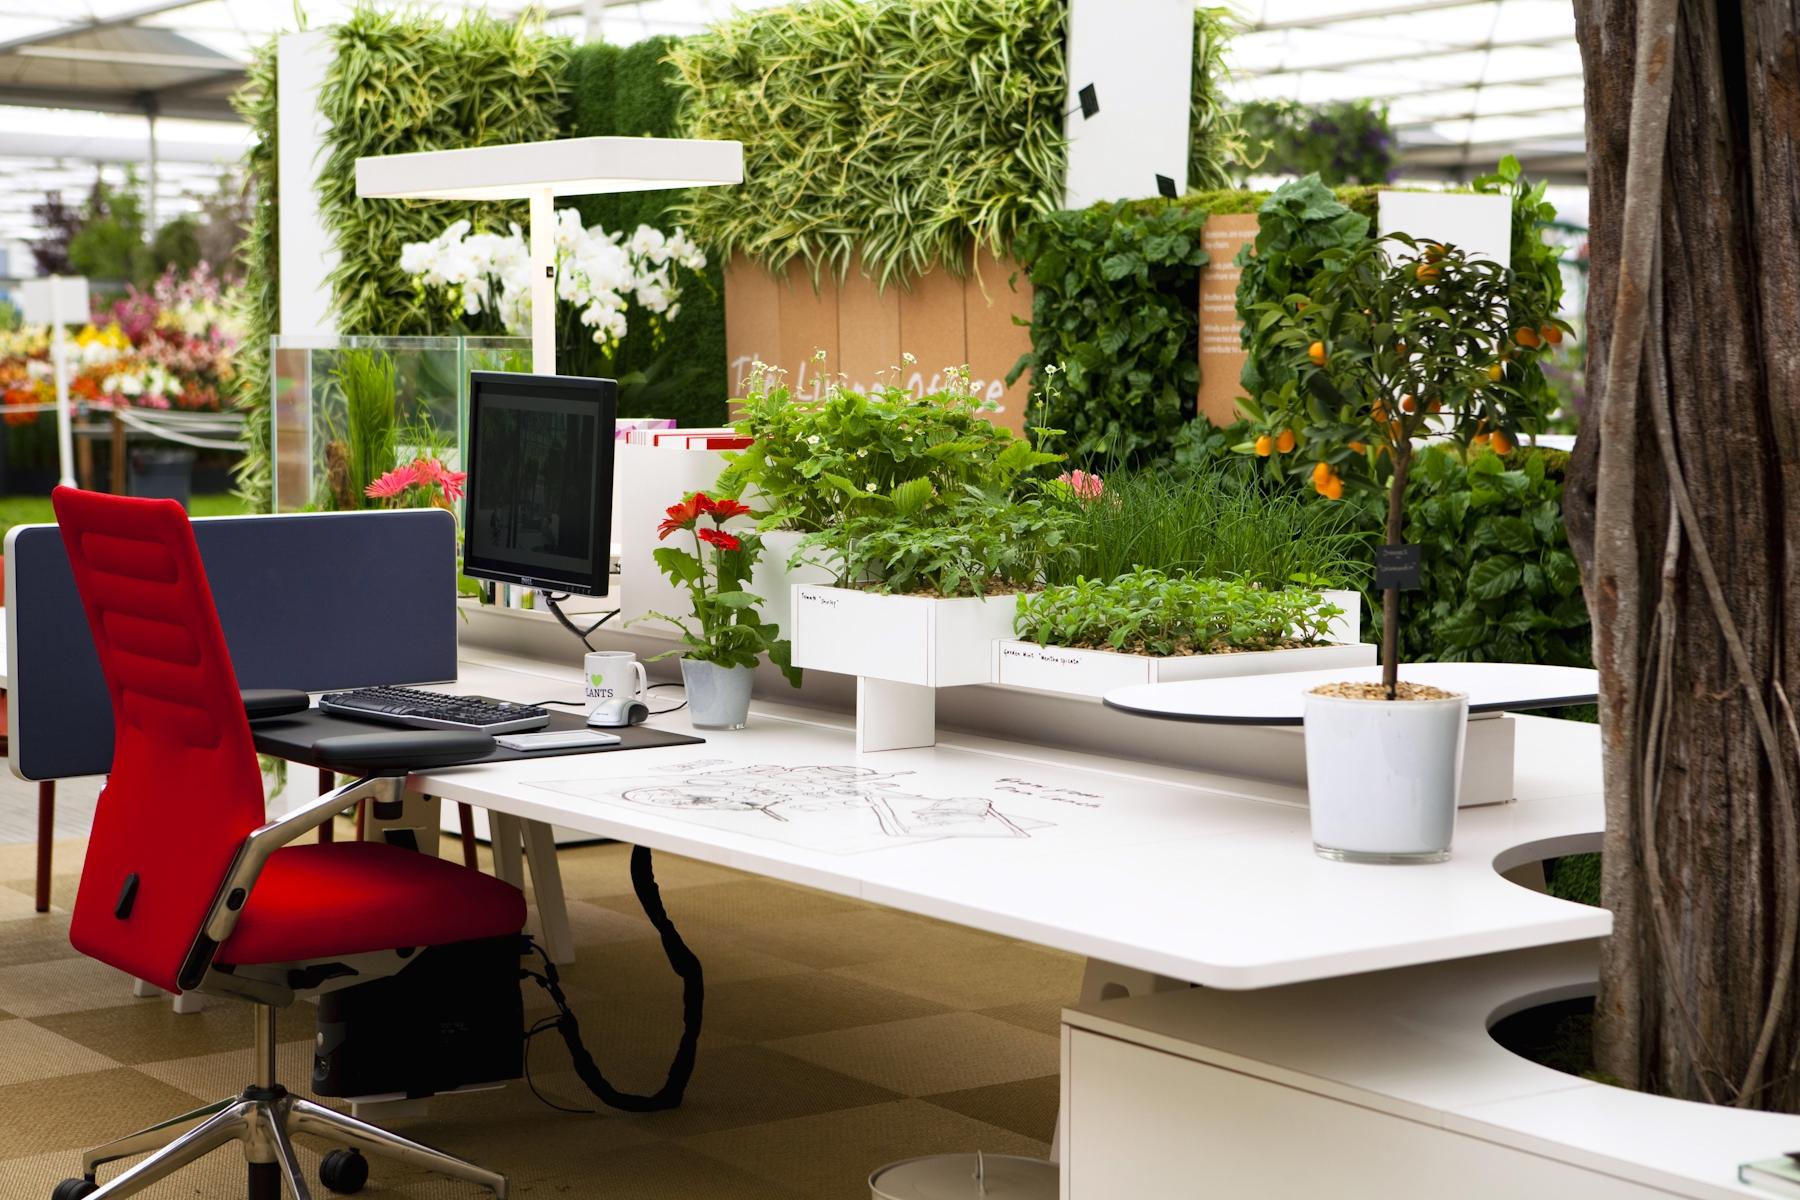 Oficina-Plantas